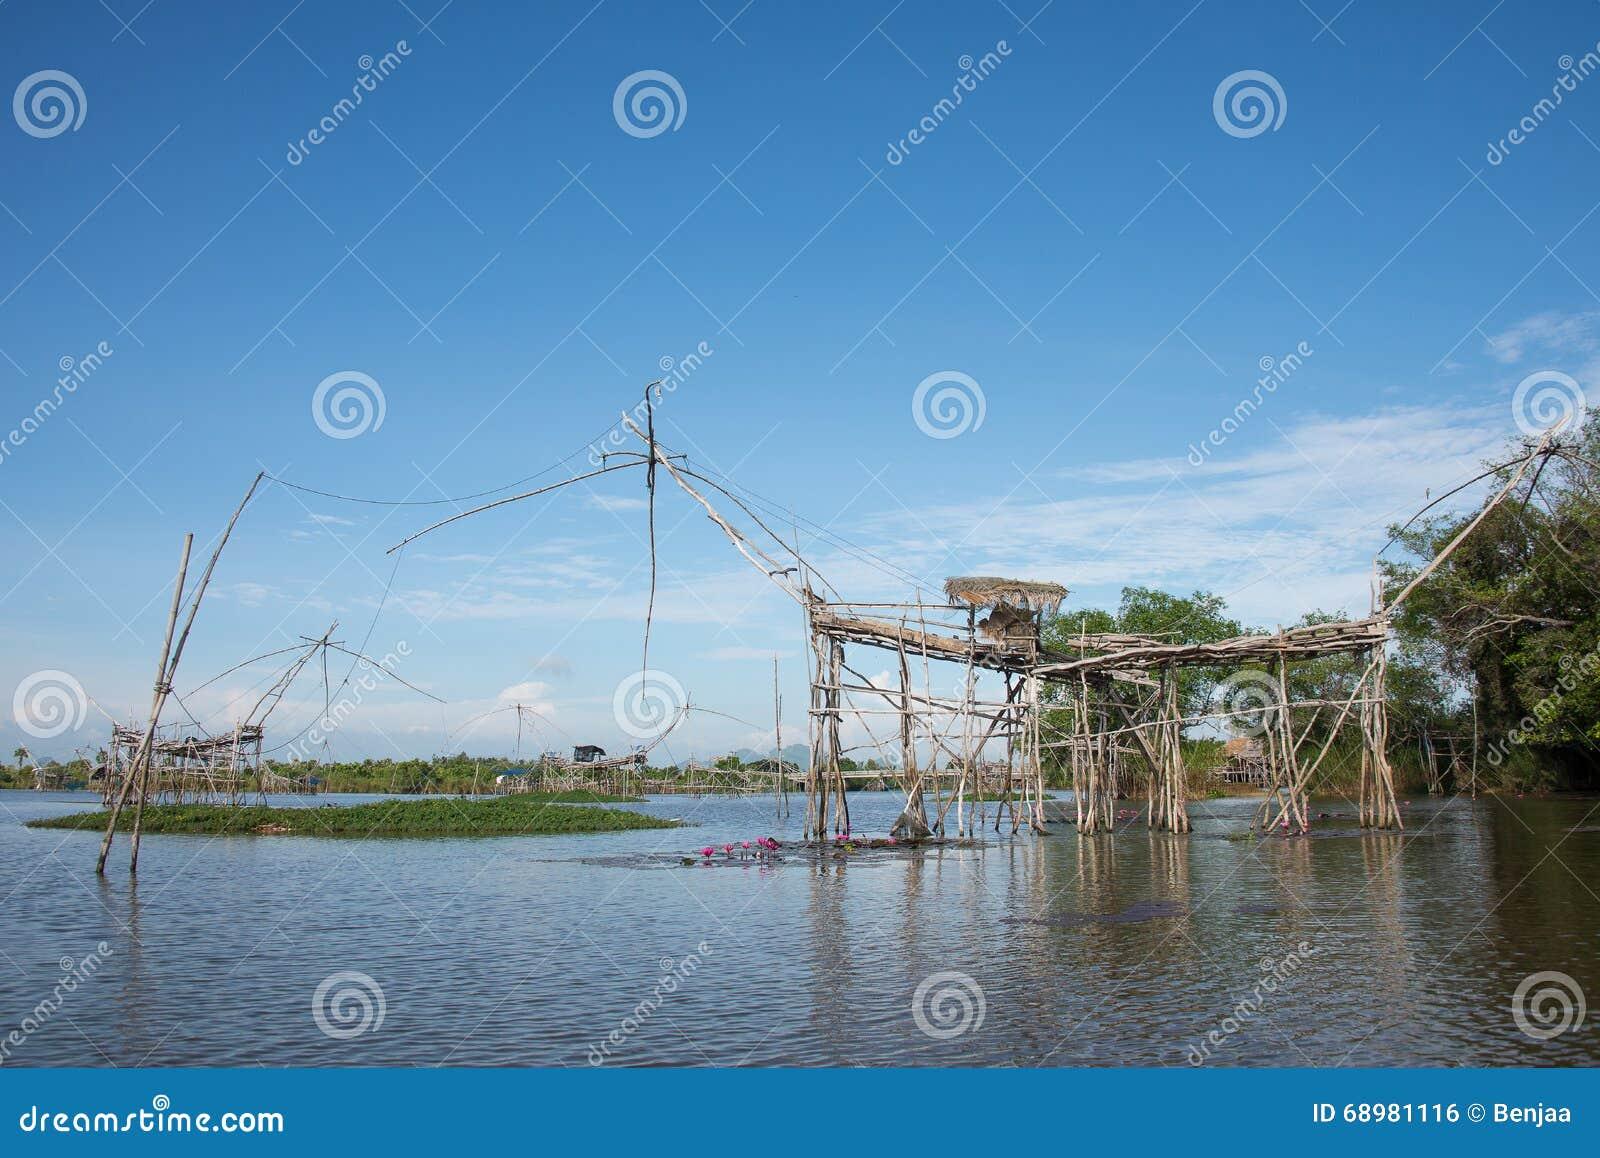 El equipo de pesca de la ruina